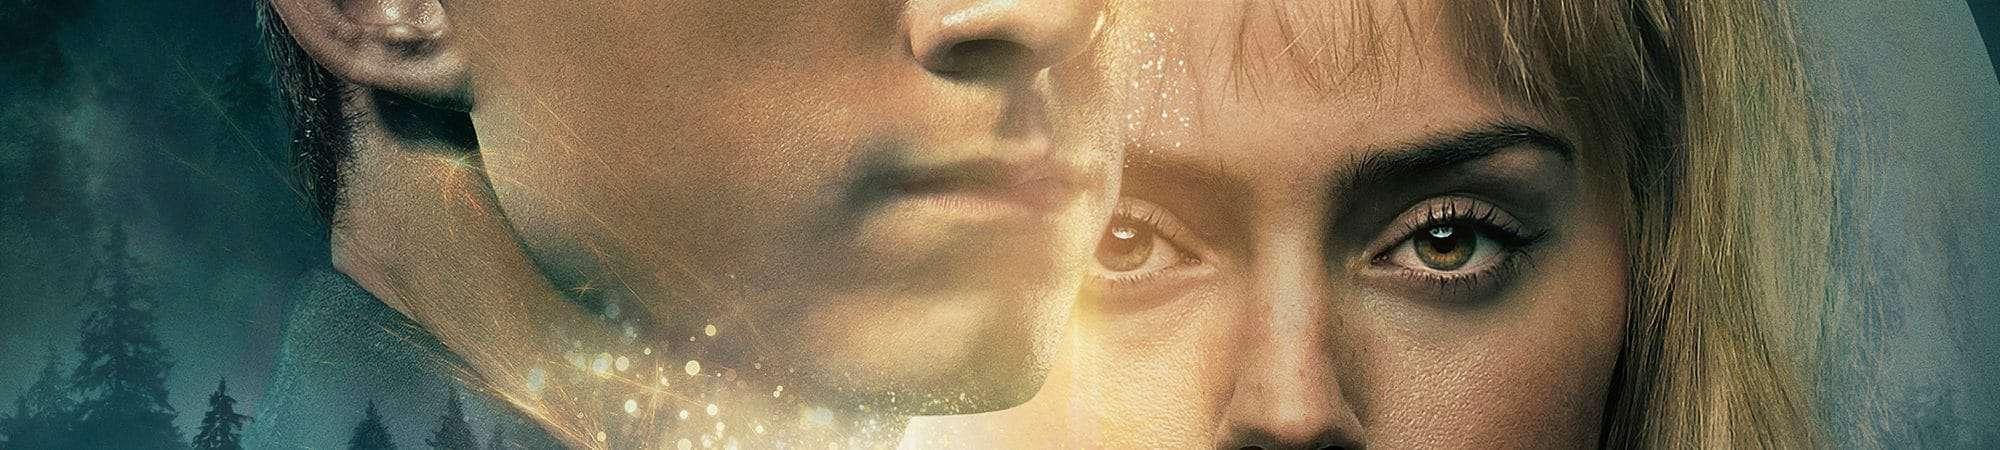 Cartaz de 'Mundo em Caos'. Imagem: Lionsgate/Divulgação